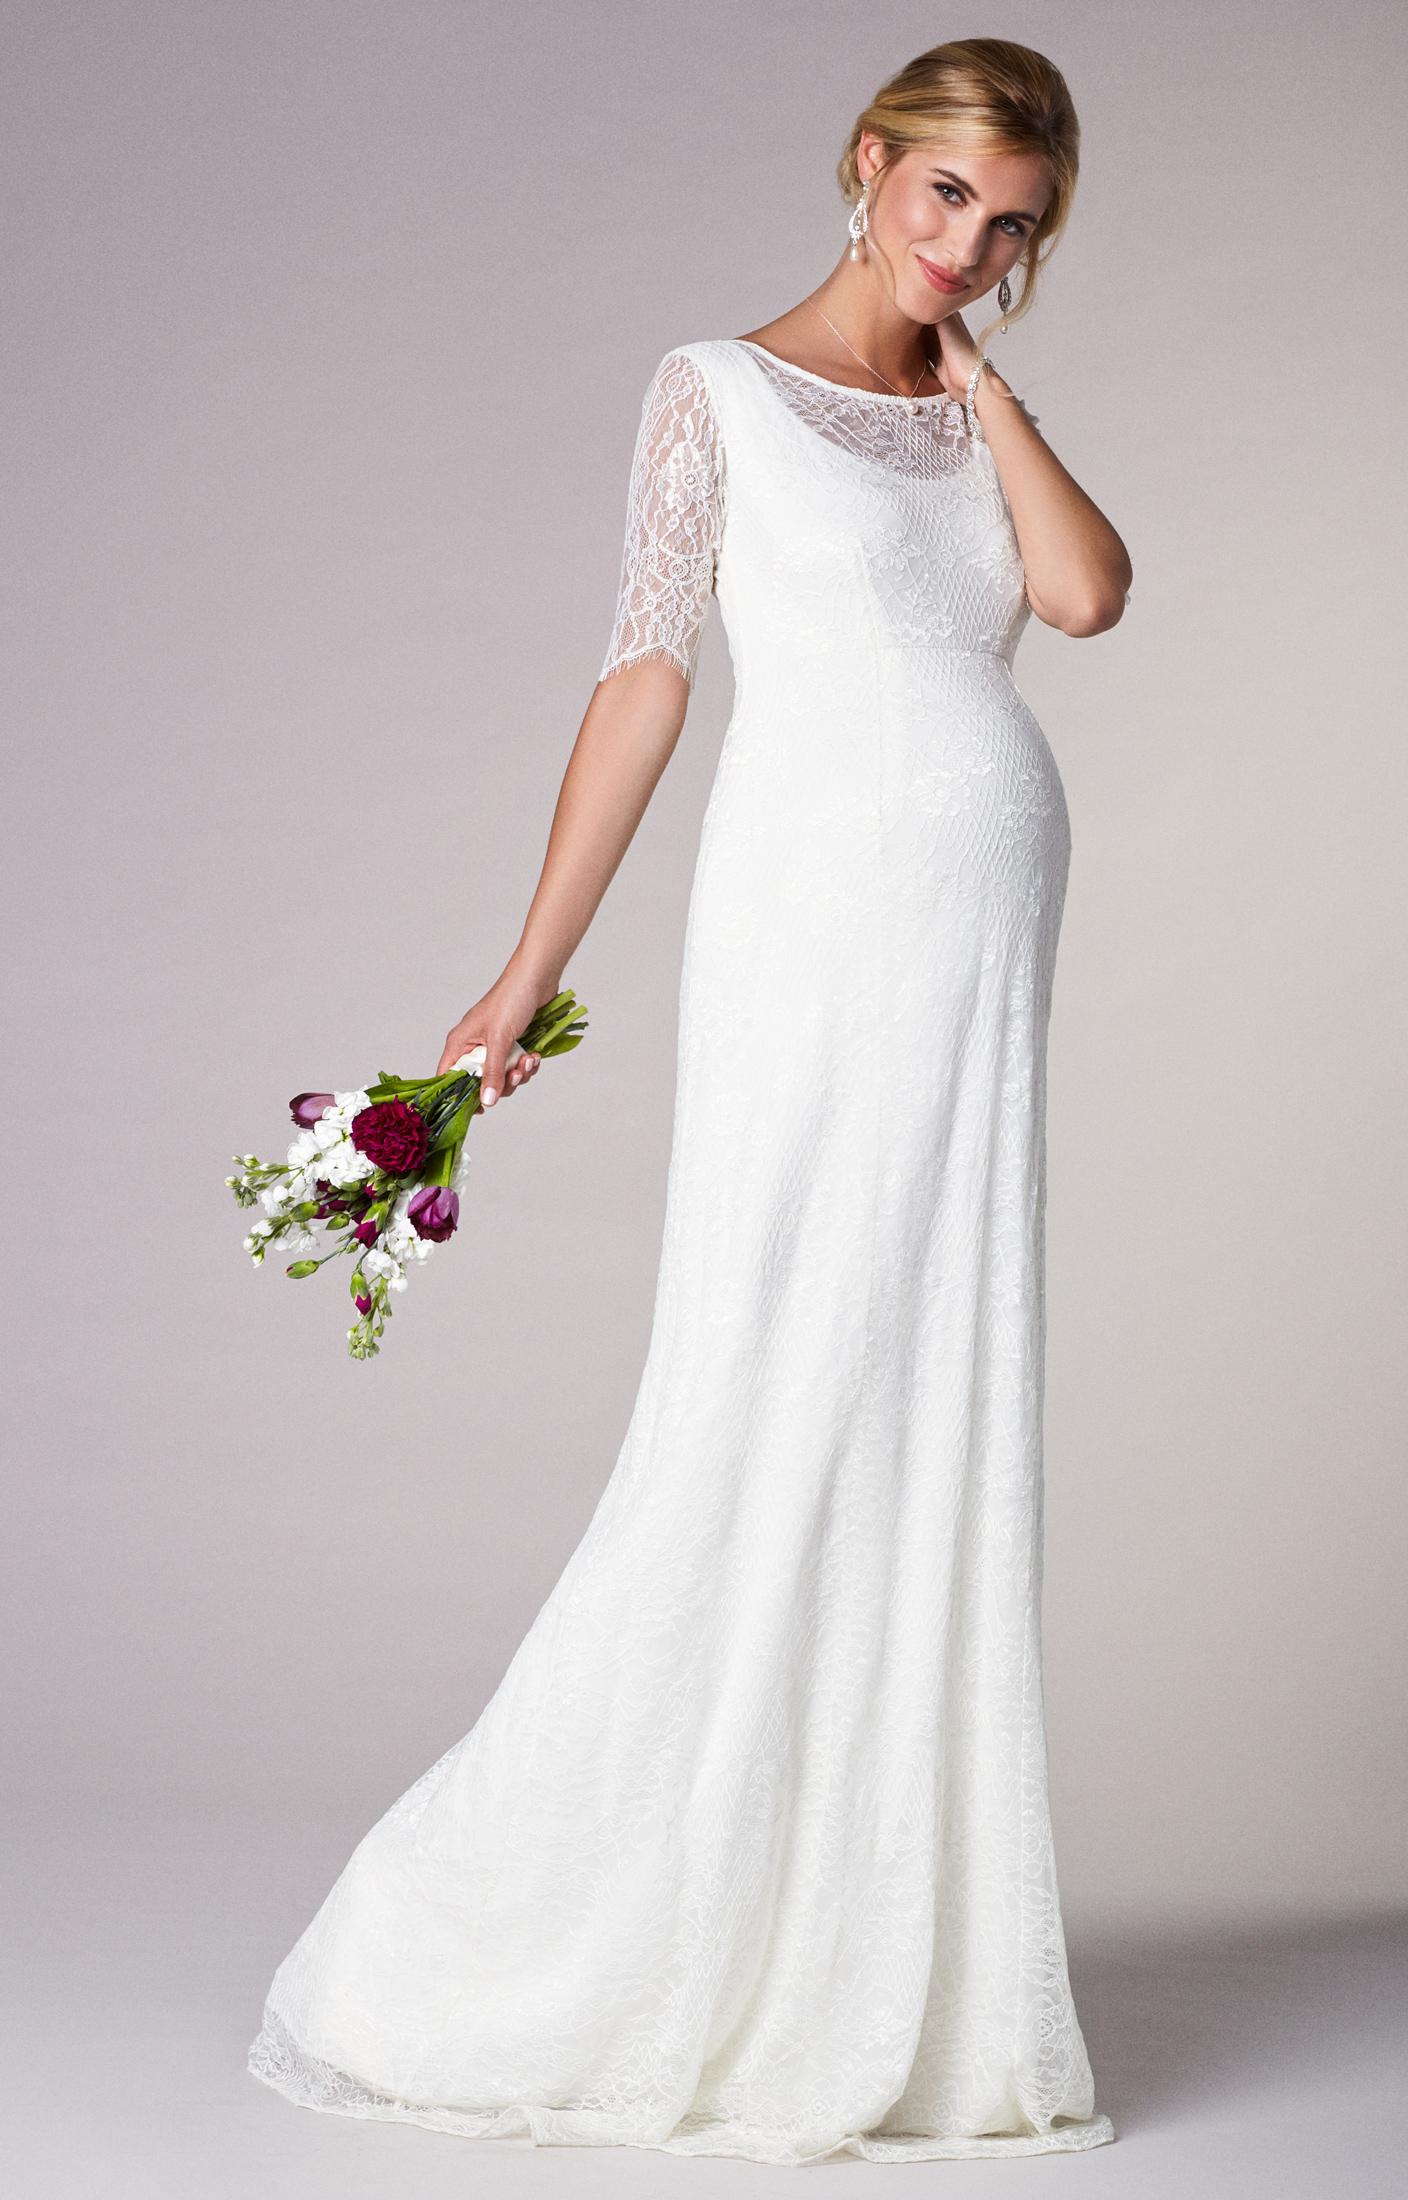 Brautkleid Umstandskleid Brautkleid für schwanger maternity wear ...